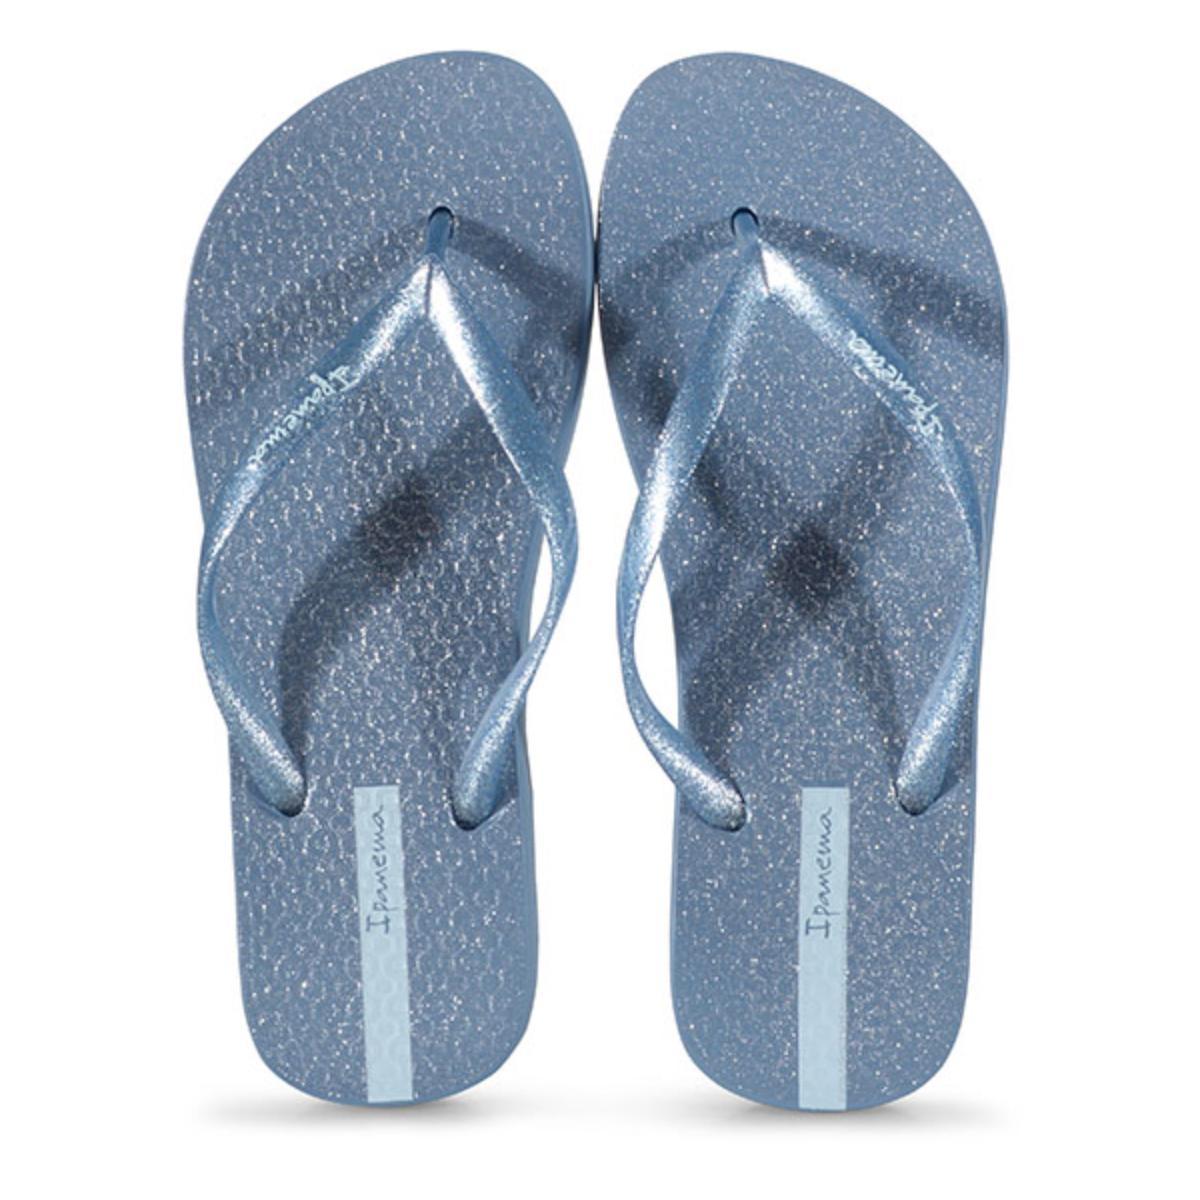 Chinelo Feminino Grendene 26481 25231 Ipanema Glitter Azul Gliter Prata